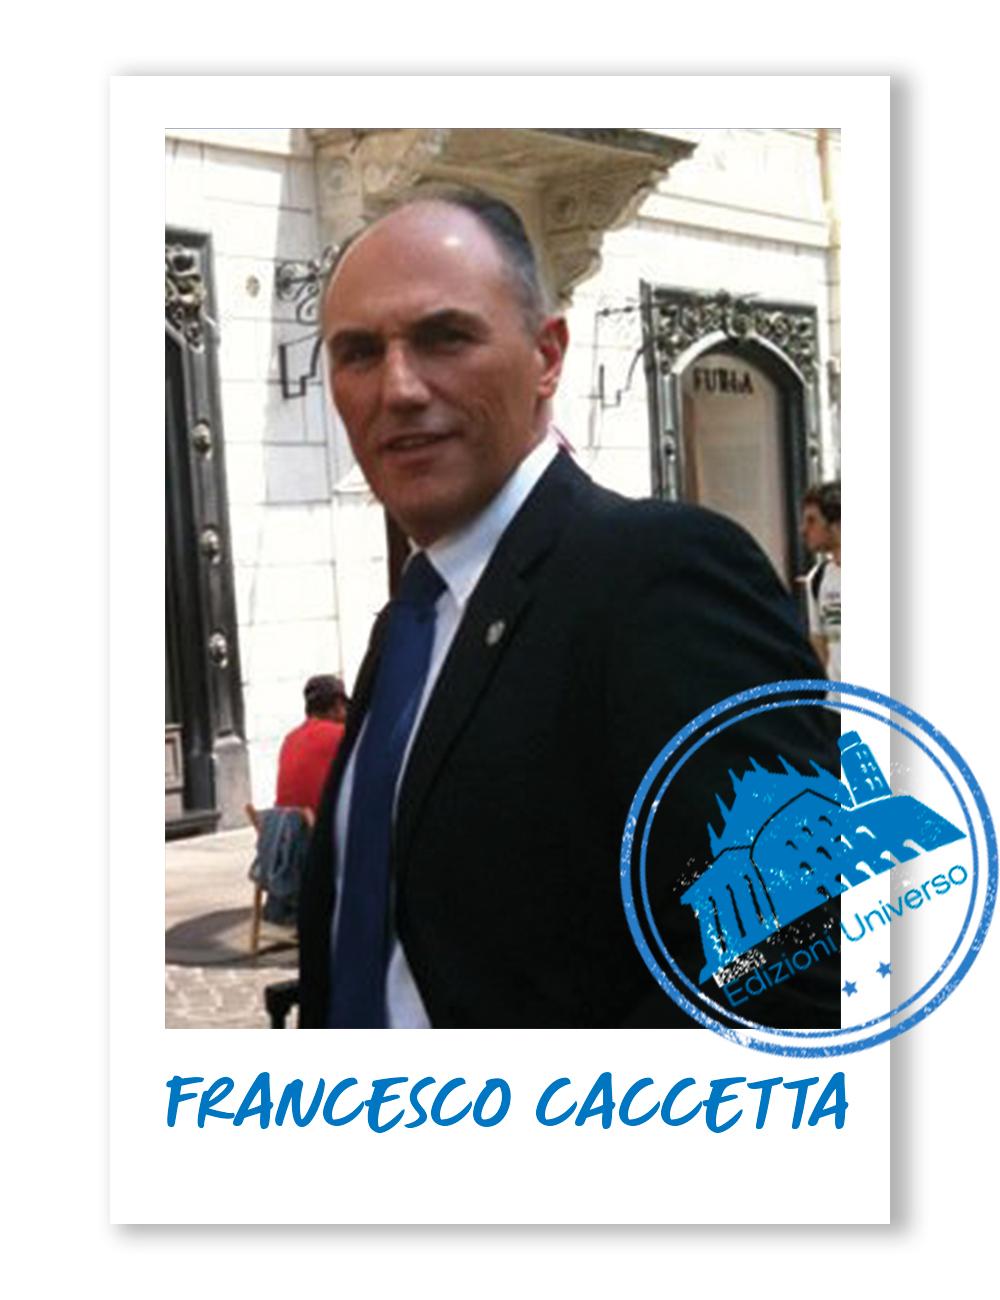 Edizioni Universo - Francesco Caccetta